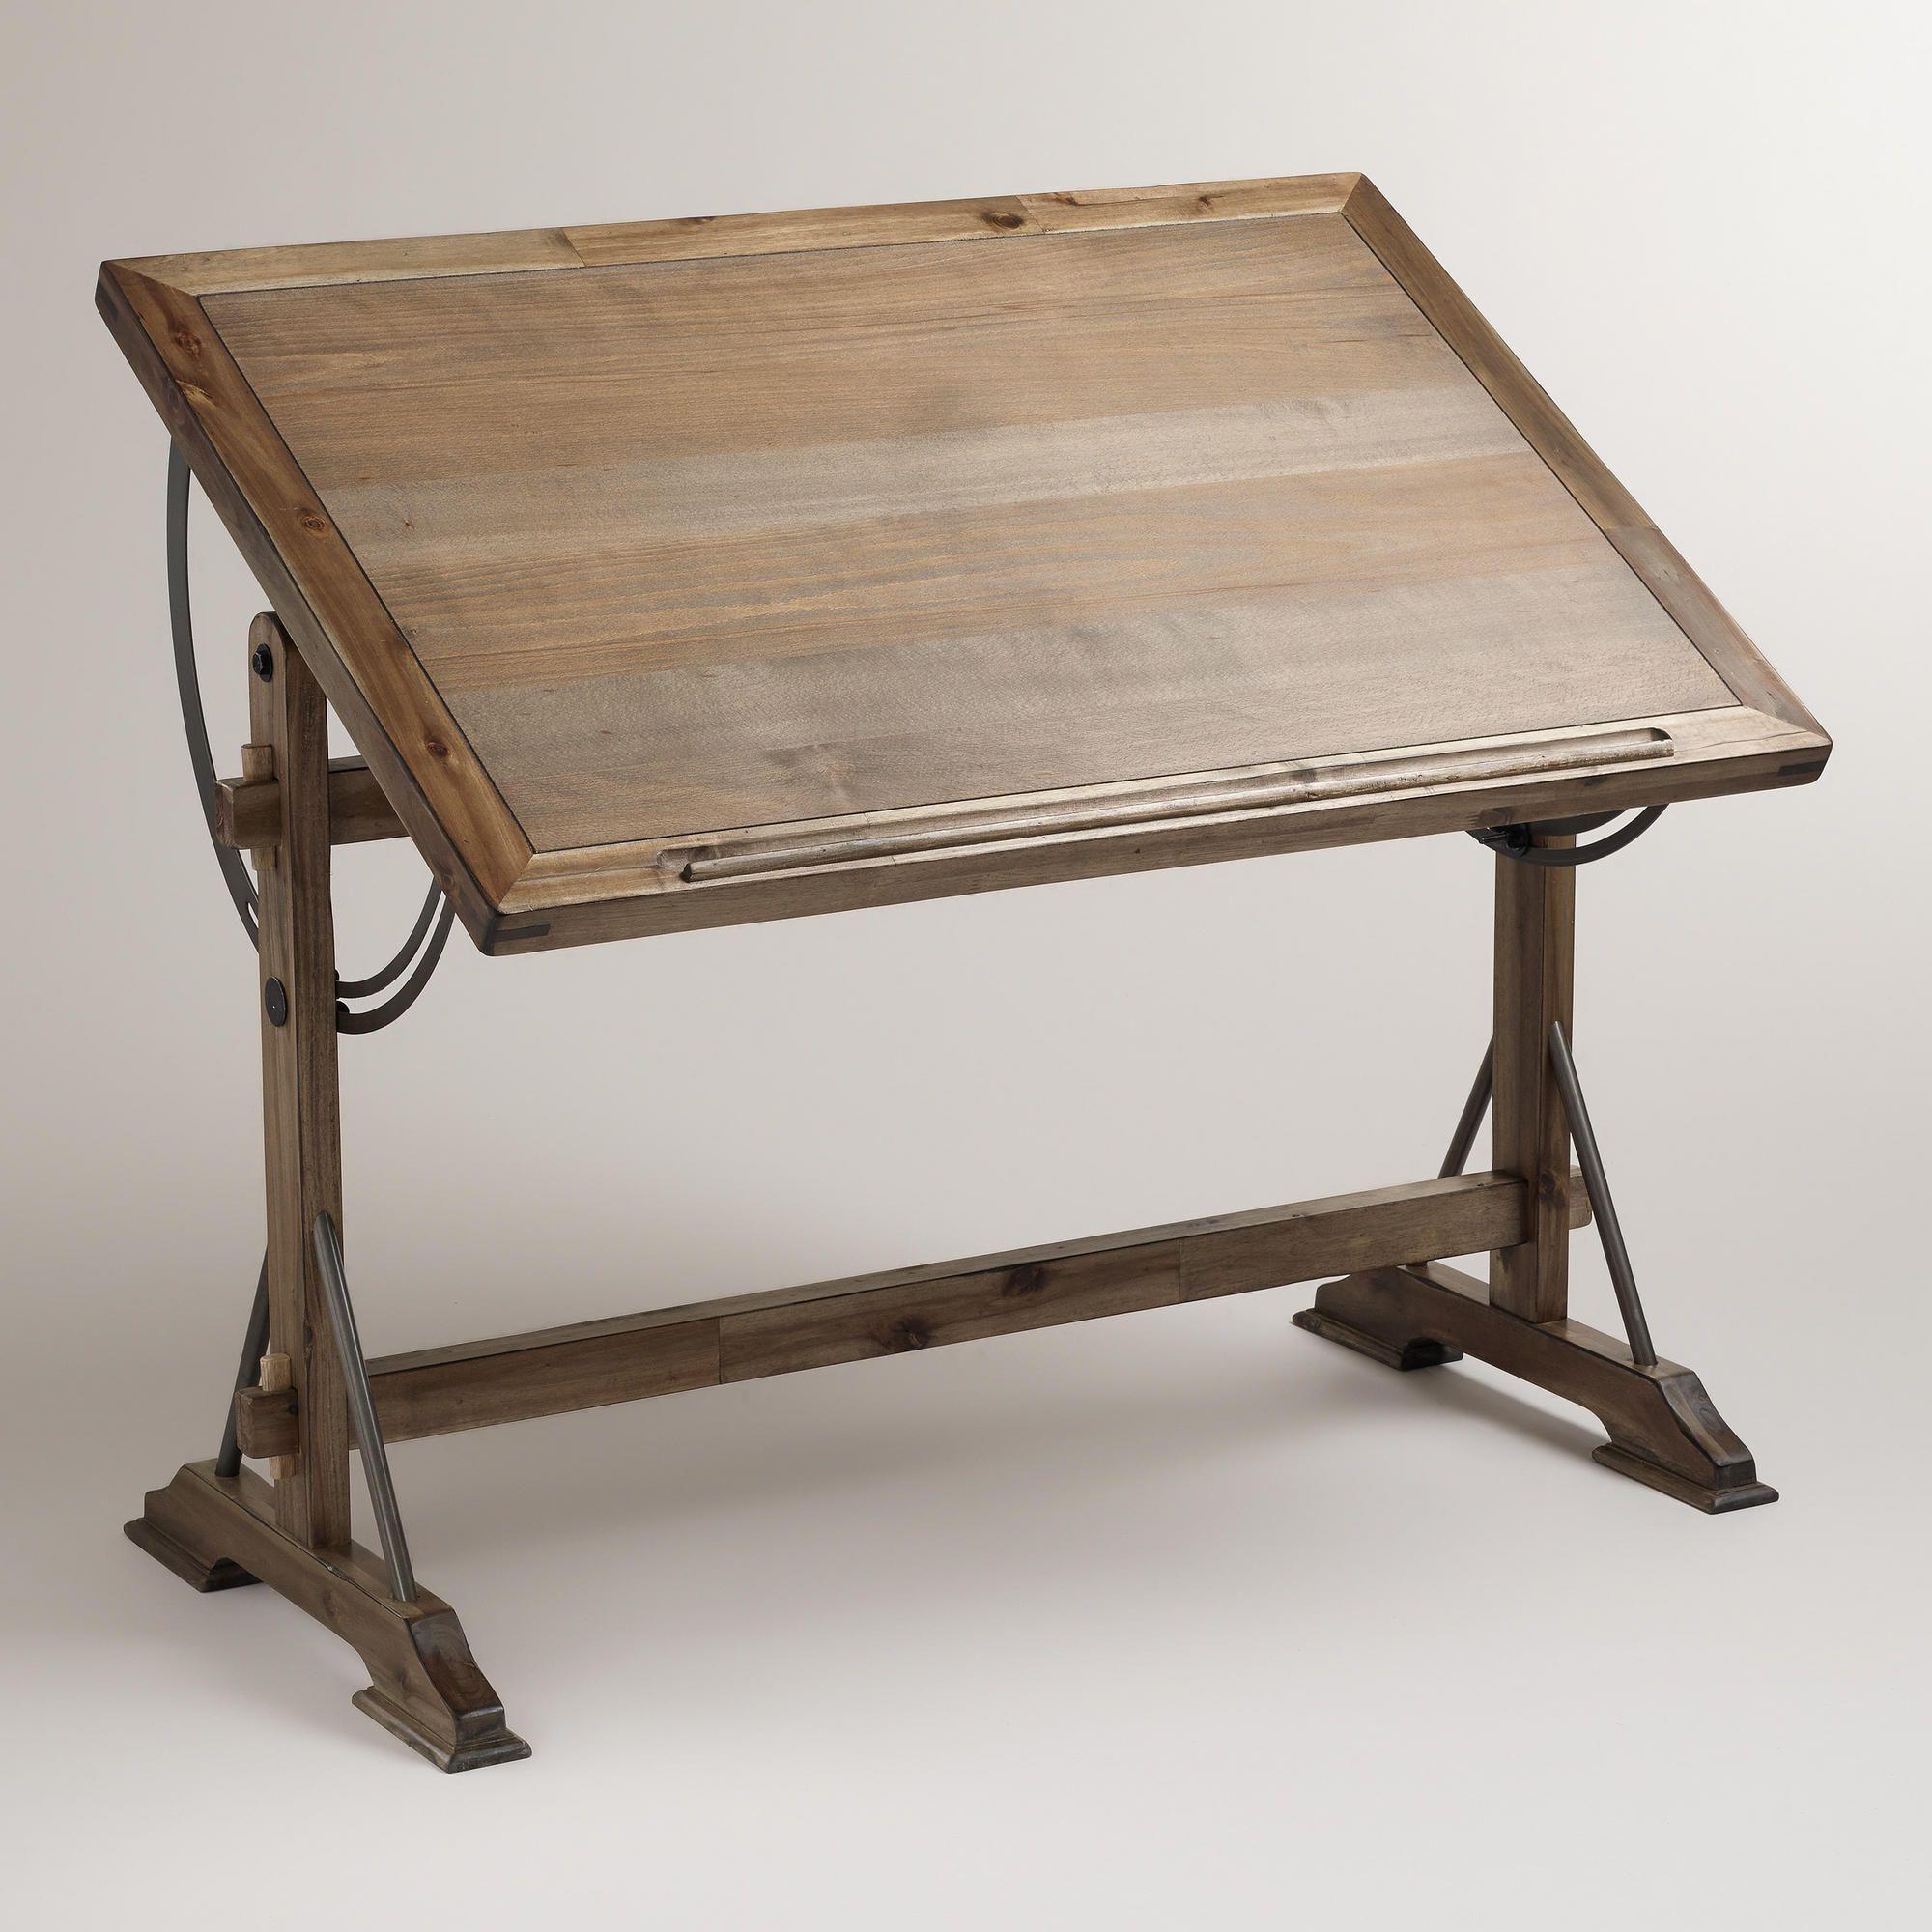 Drafting Desk World Market Home Office Furniture Desk Drafting Desk Home Office Furniture